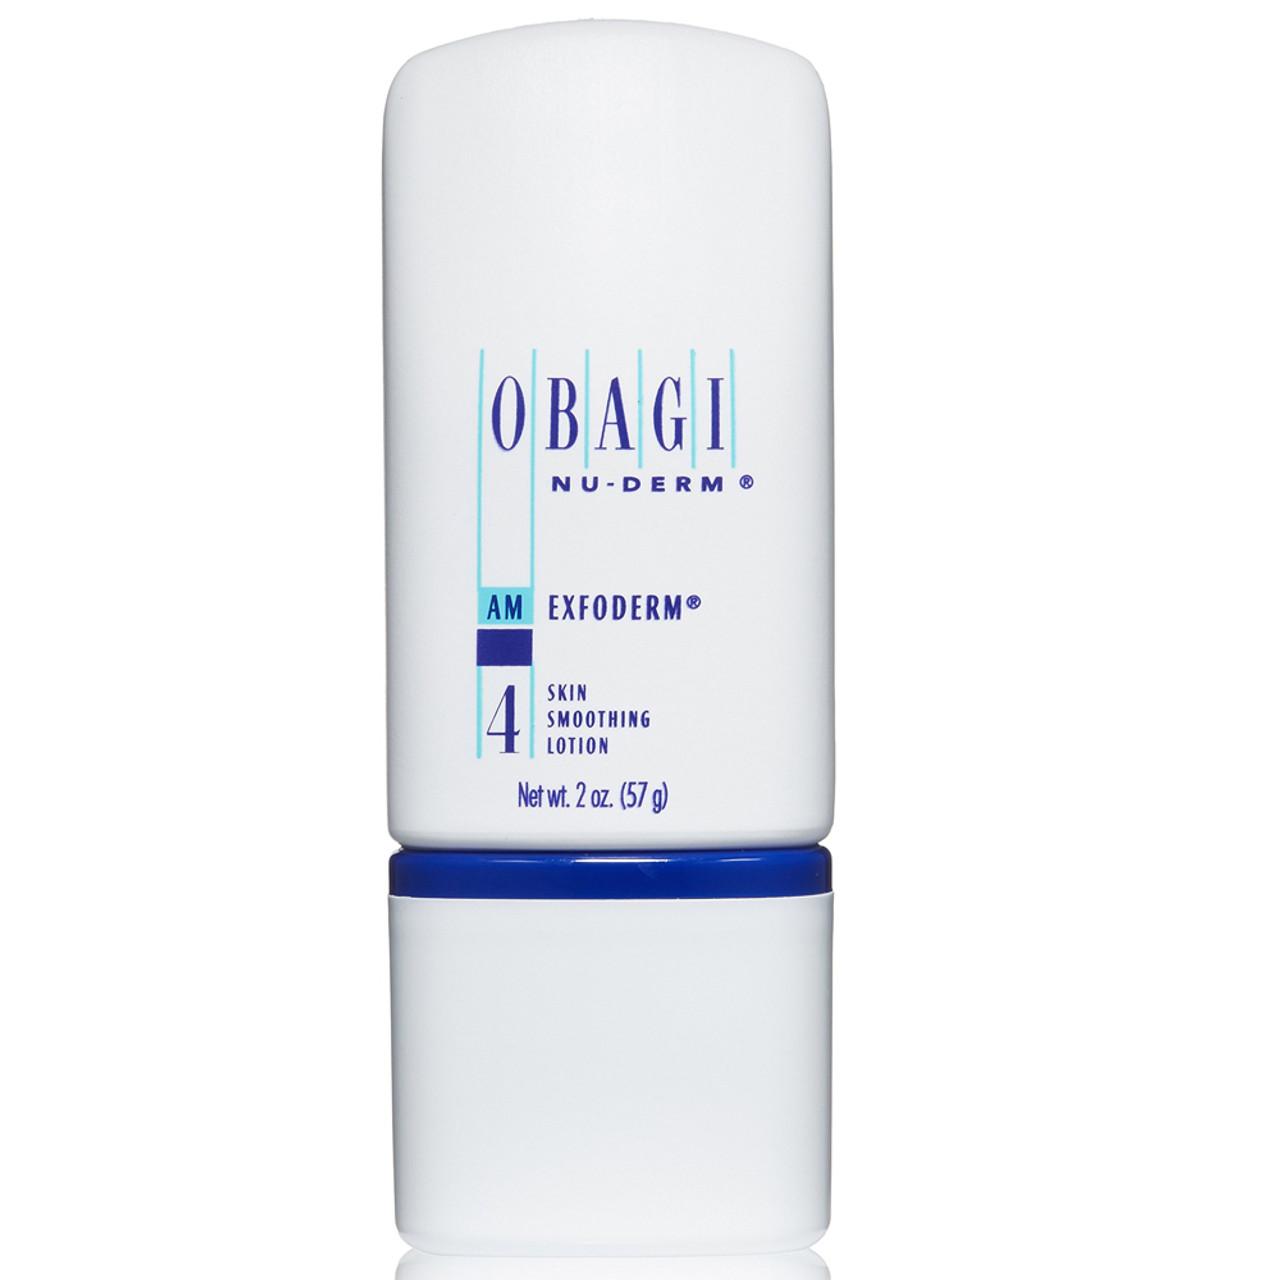 Obagi Nu-Derm Exfoderm BeautifiedYou.com